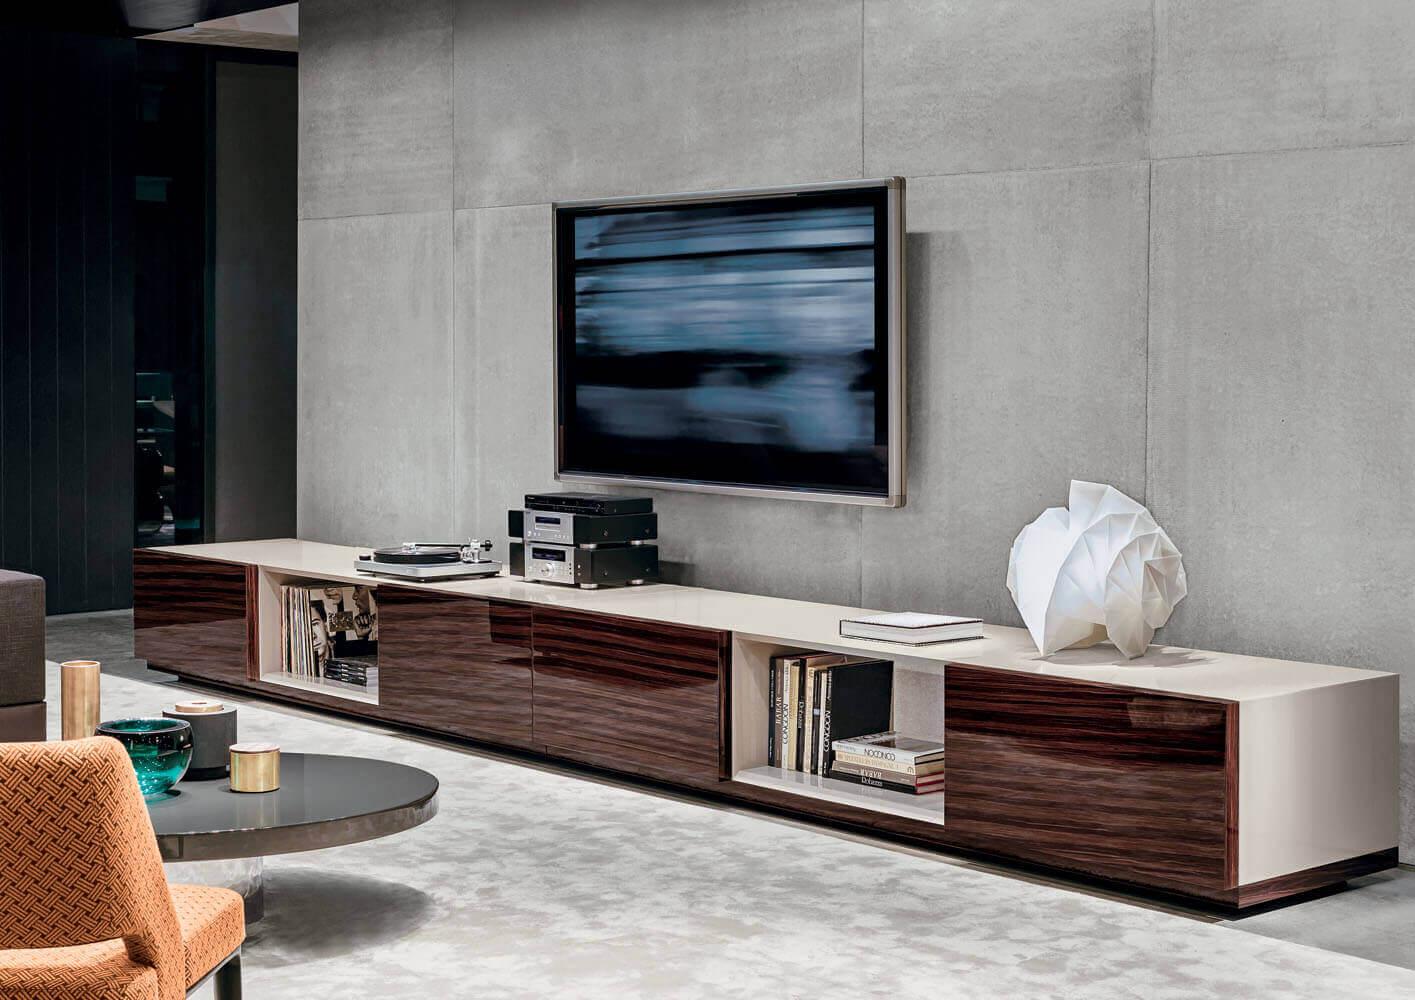 dizajnerskie-tumby-pod-televizor (13)